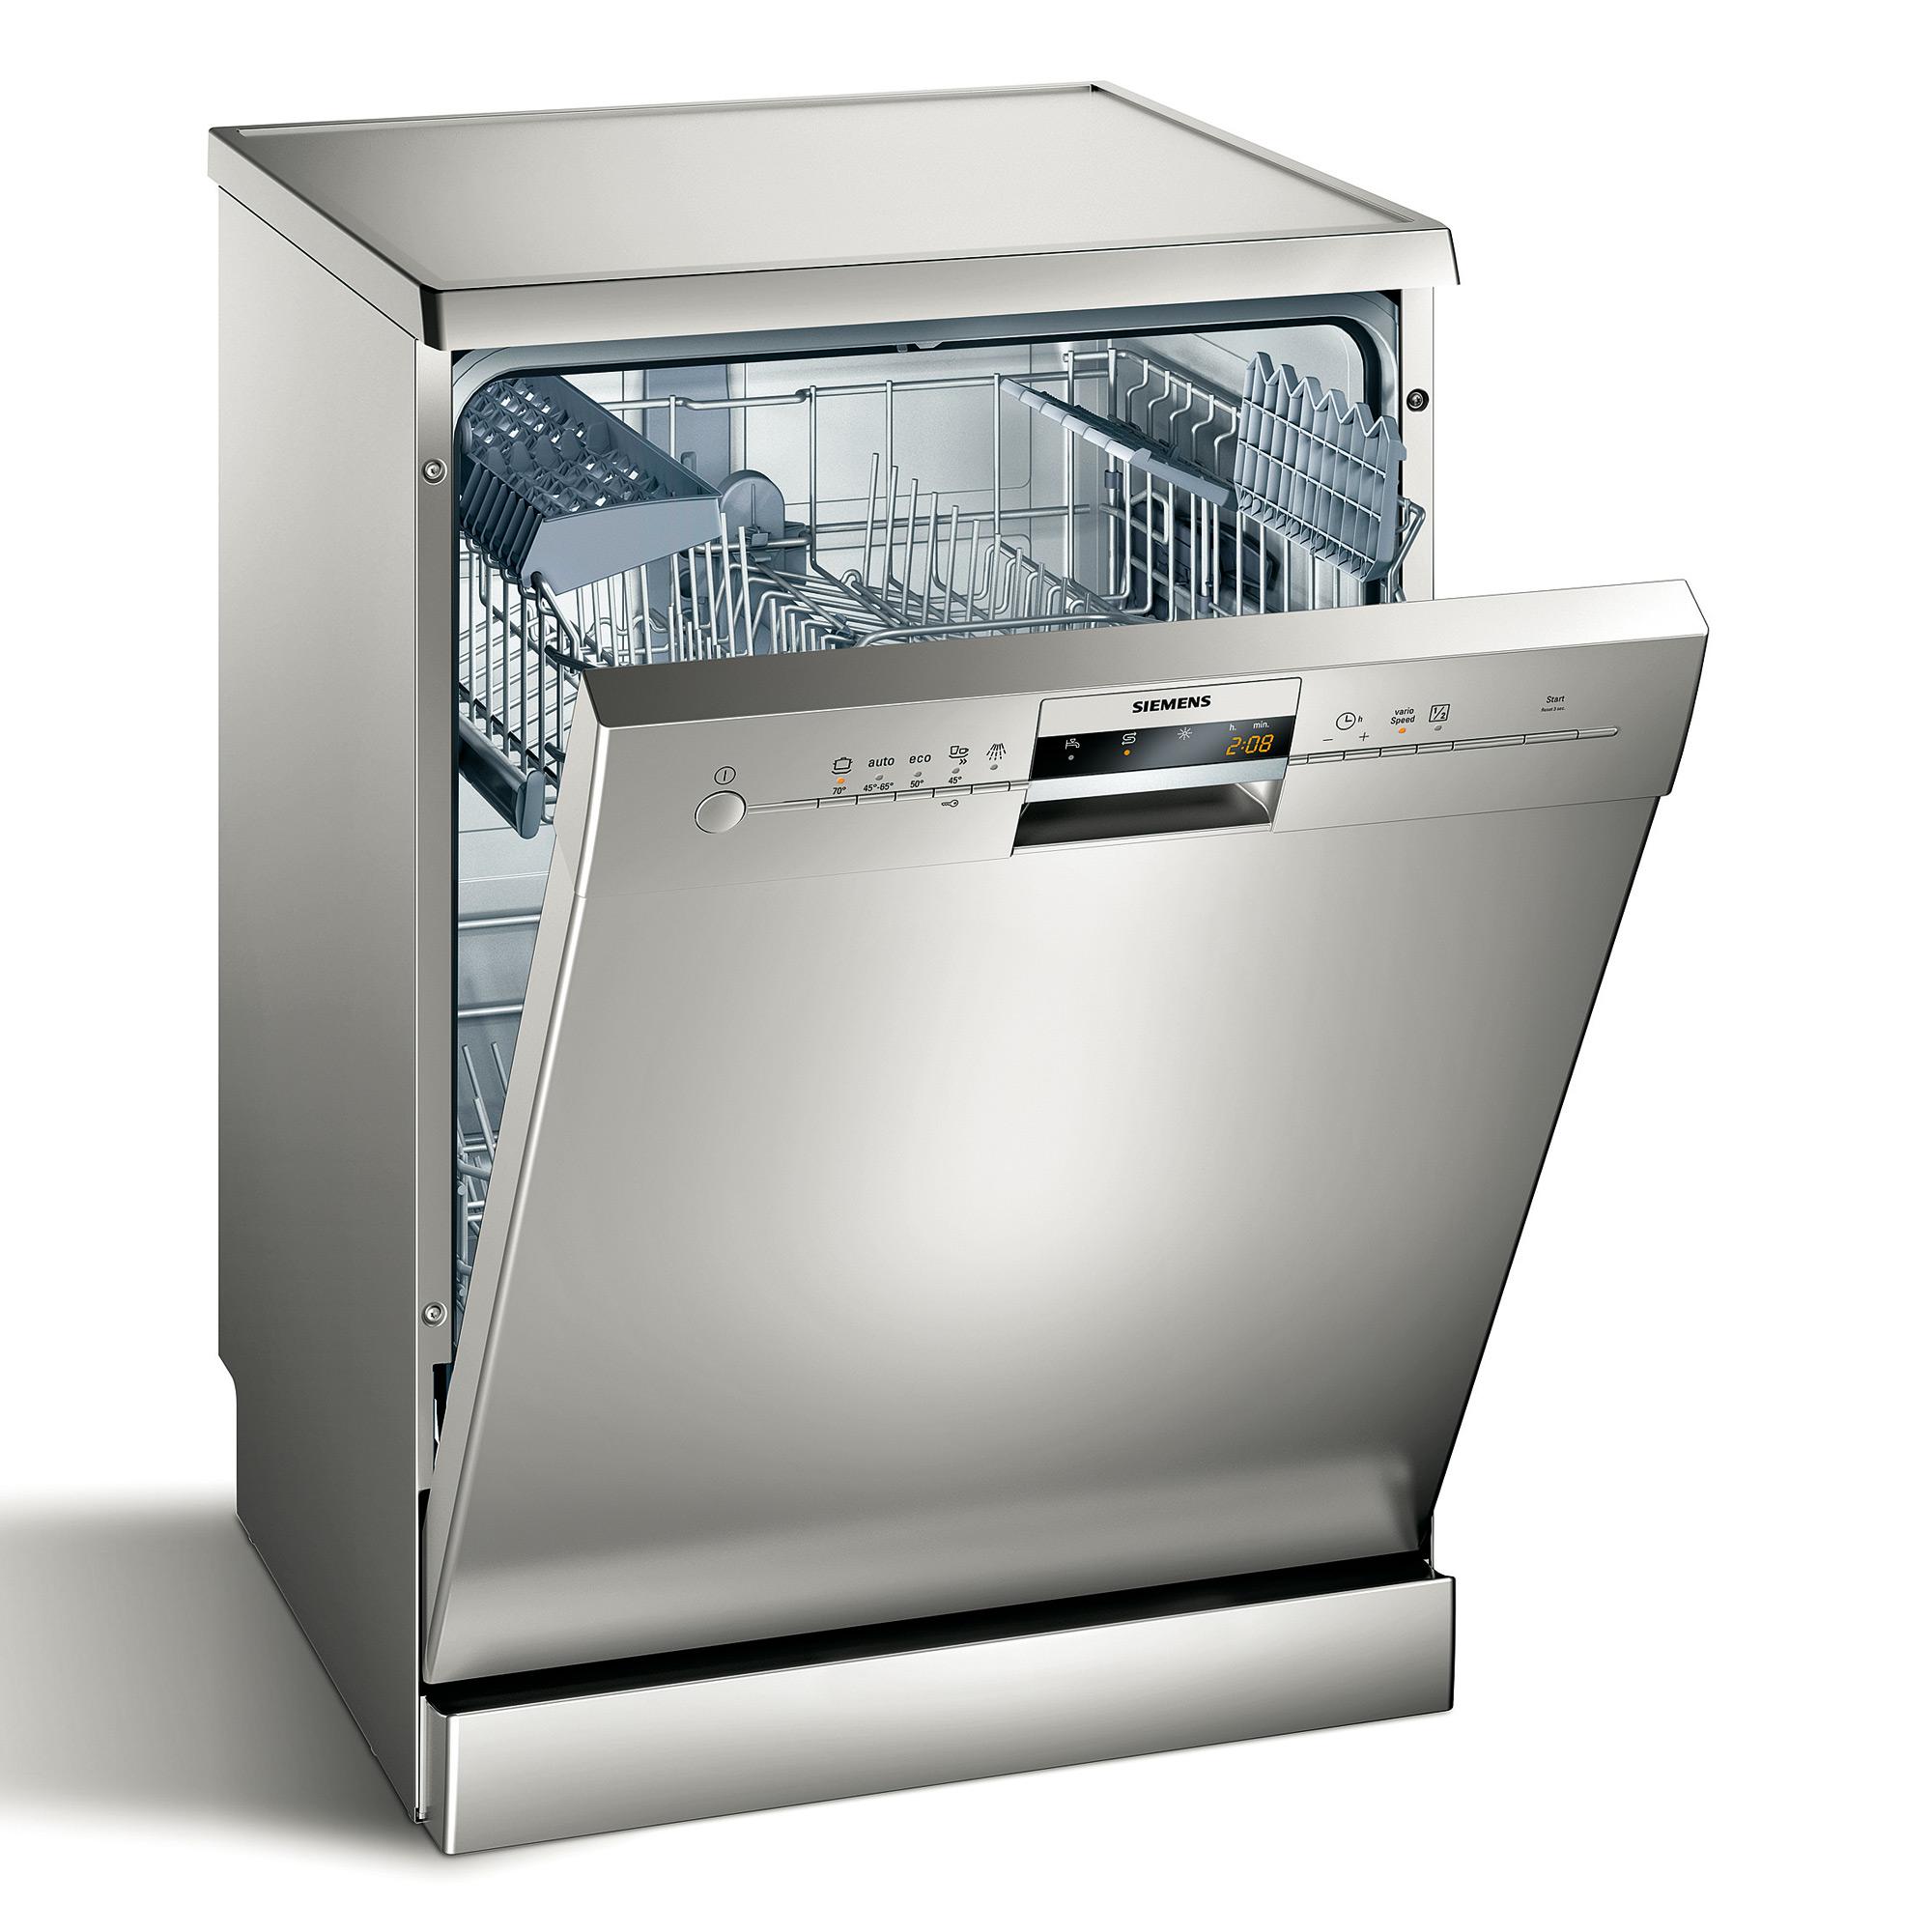 Lave vaisselle pose libre 60 cm sn25m837eu siemens for Lave vaisselle le plus economique